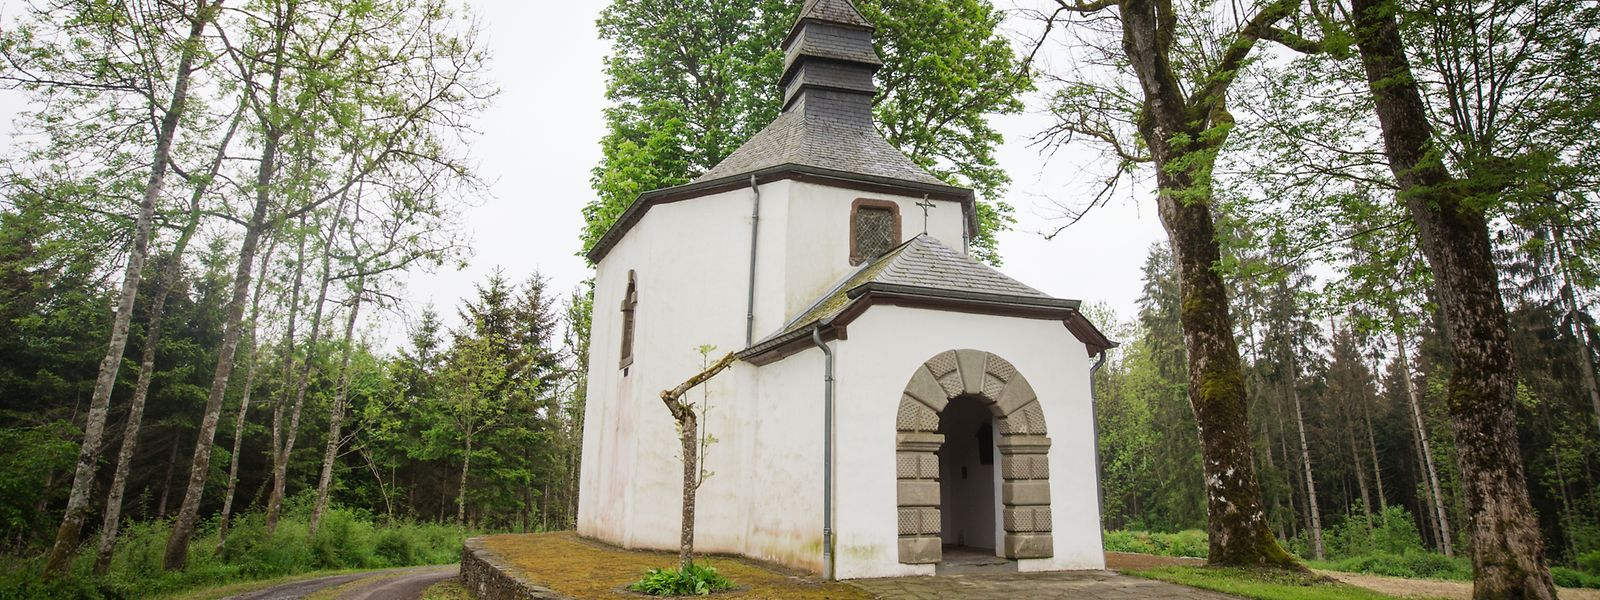 Die Pirminus-Kapelle befindet sich auf dem Plateau des Pirminus-Hügels auf der Strecke zwischen Büderscheid und Nothum.